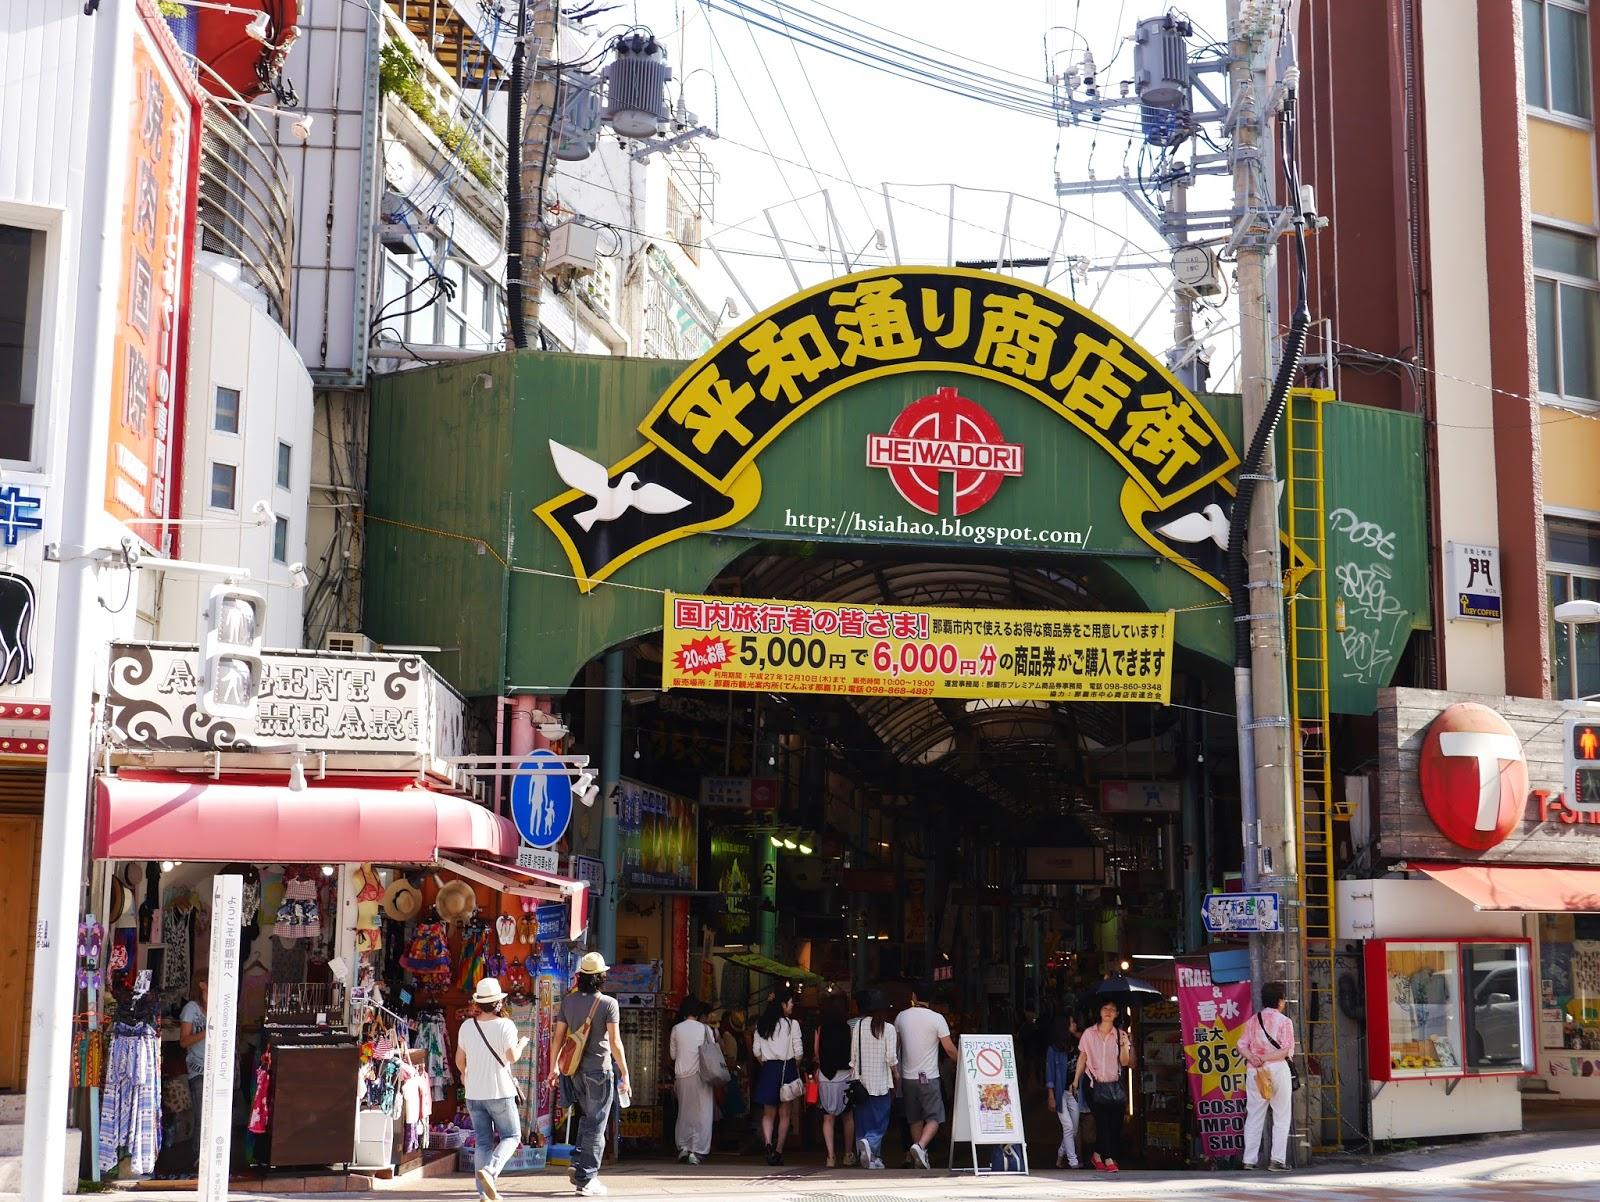 沖繩-國際通-平和通-牧志公設市場-浮島通-逛街-購物-逛街-景點-自由行-Okinawa-kokusaidori